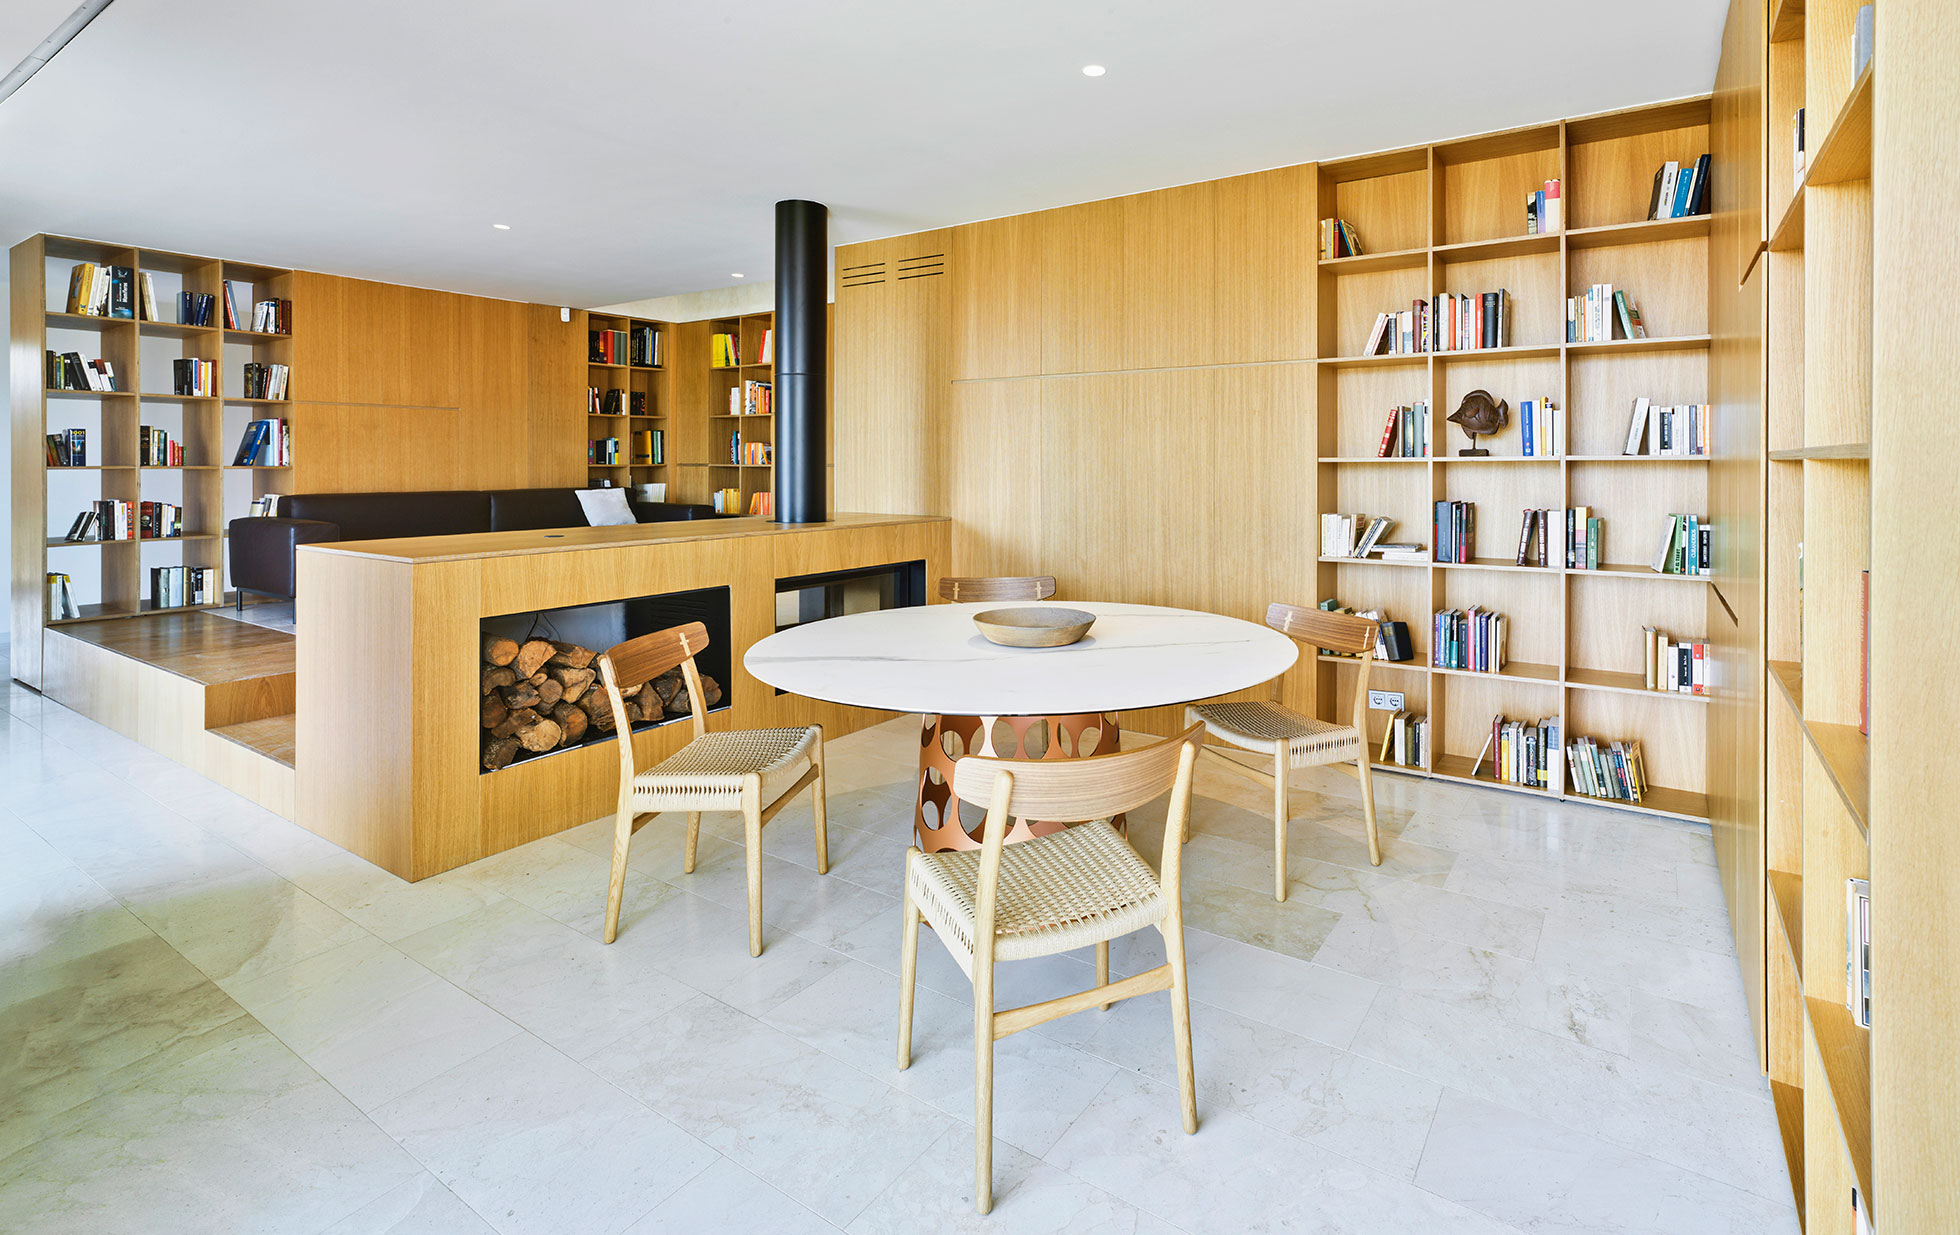 Vivienda Unifamiliar. Casas enlazadas. Casa ecológica en Alicante. Arquitectos Alicante. Arquitectos Altea. eneseis Arquitectura